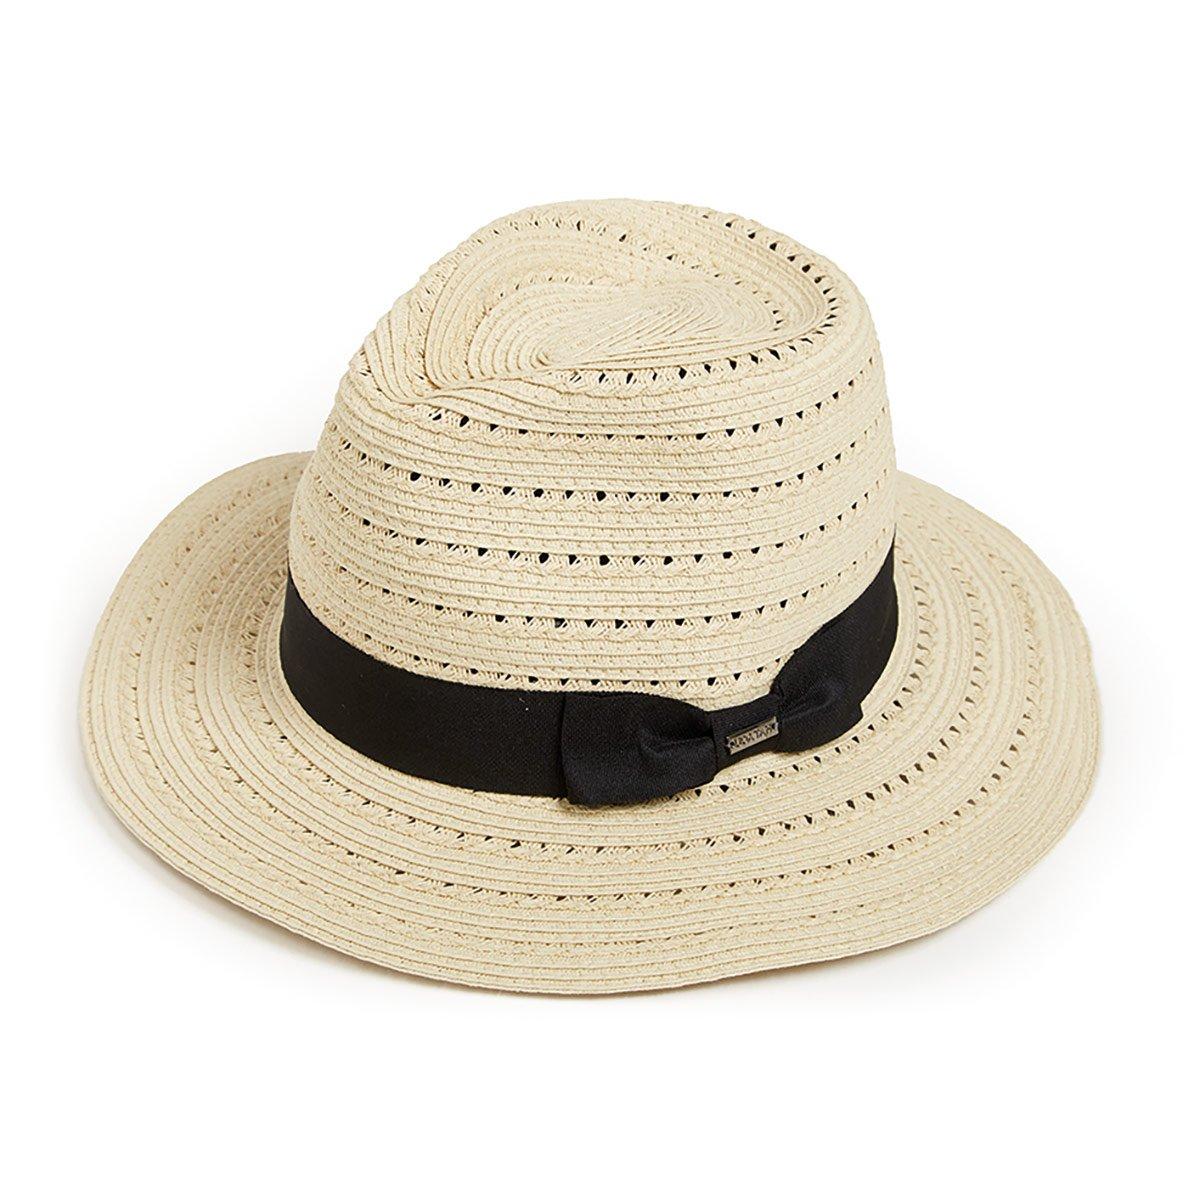 cappello estate tipo fedora per donna con guarnizione nastro nero ... 441a4e5603e1